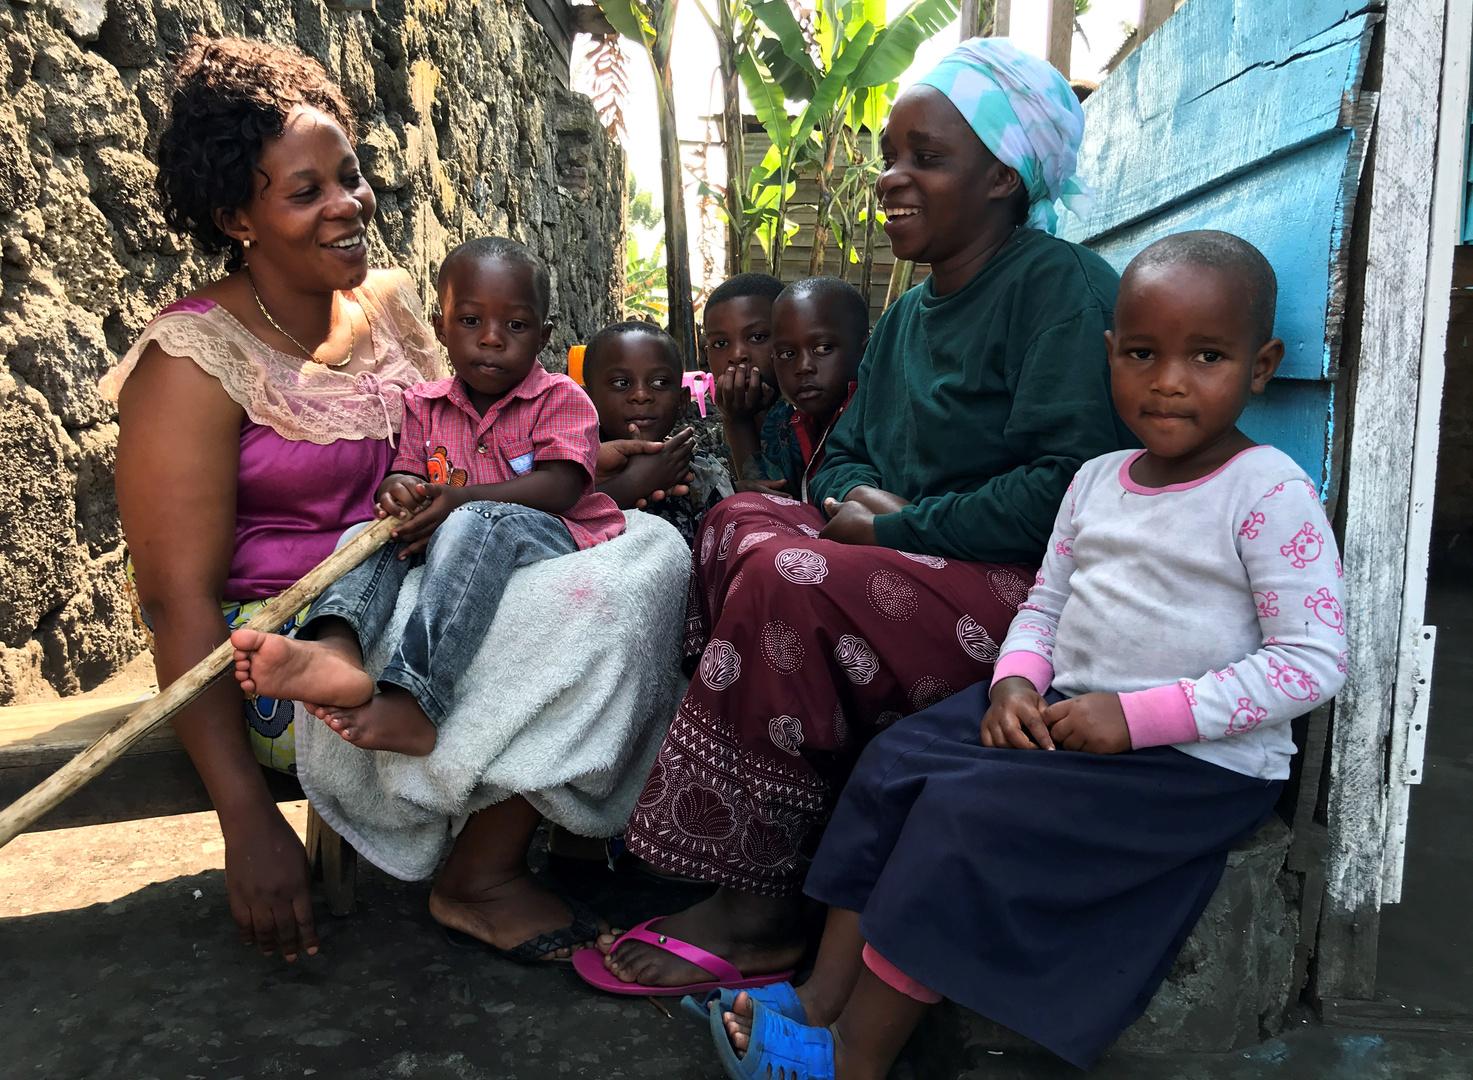 الكونغو الديمقراطية تعلن انتهاء تفشي مرض